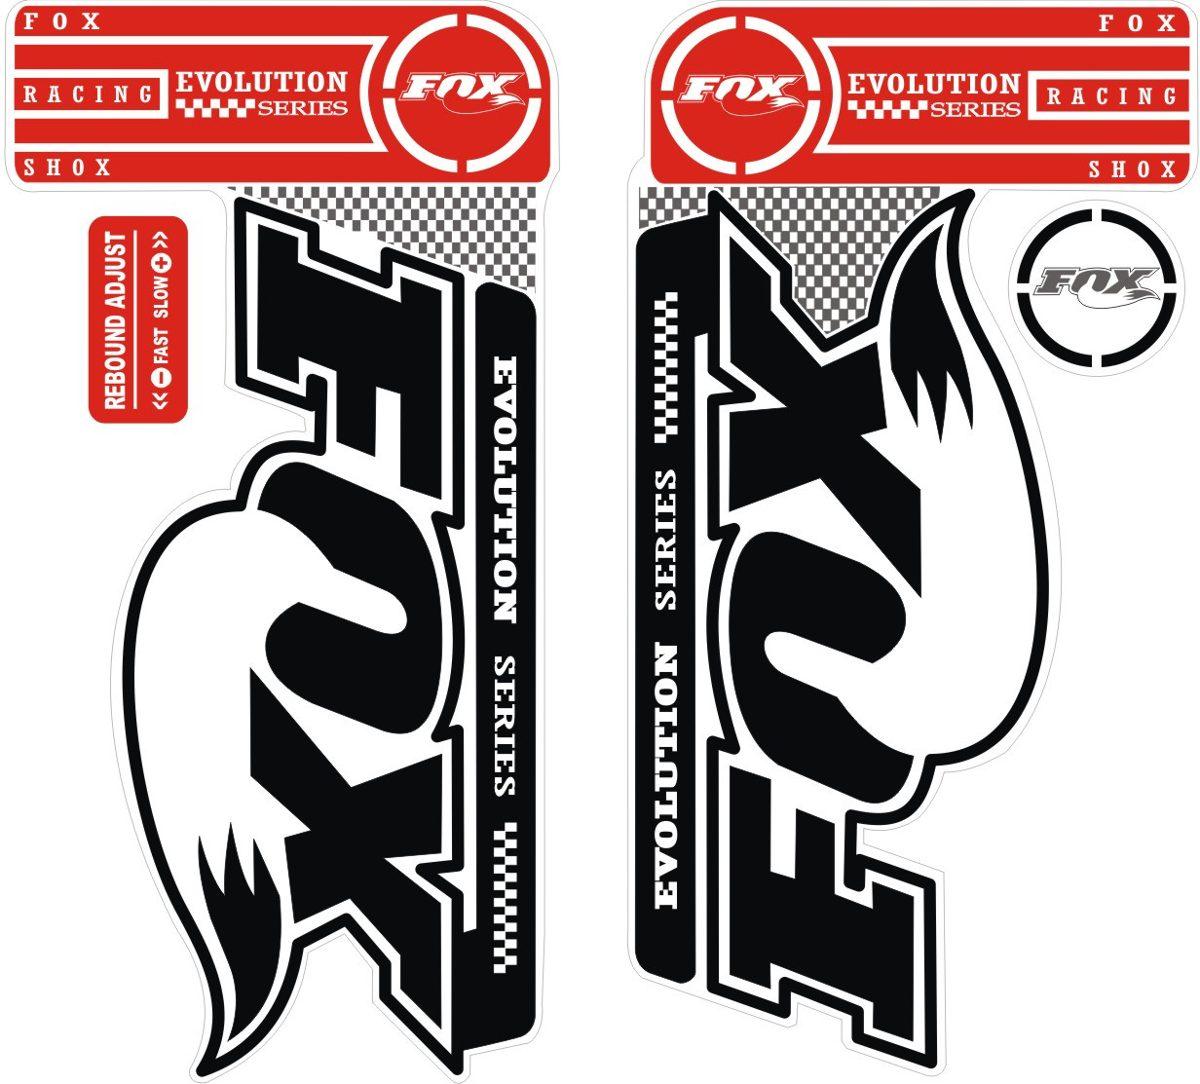 Armario Antiguo Restaurado ~ Adesivos Suspens u00e3o Bike Mtb Fox Evolution Series 29 R$ 39,00 em Mercado Livre